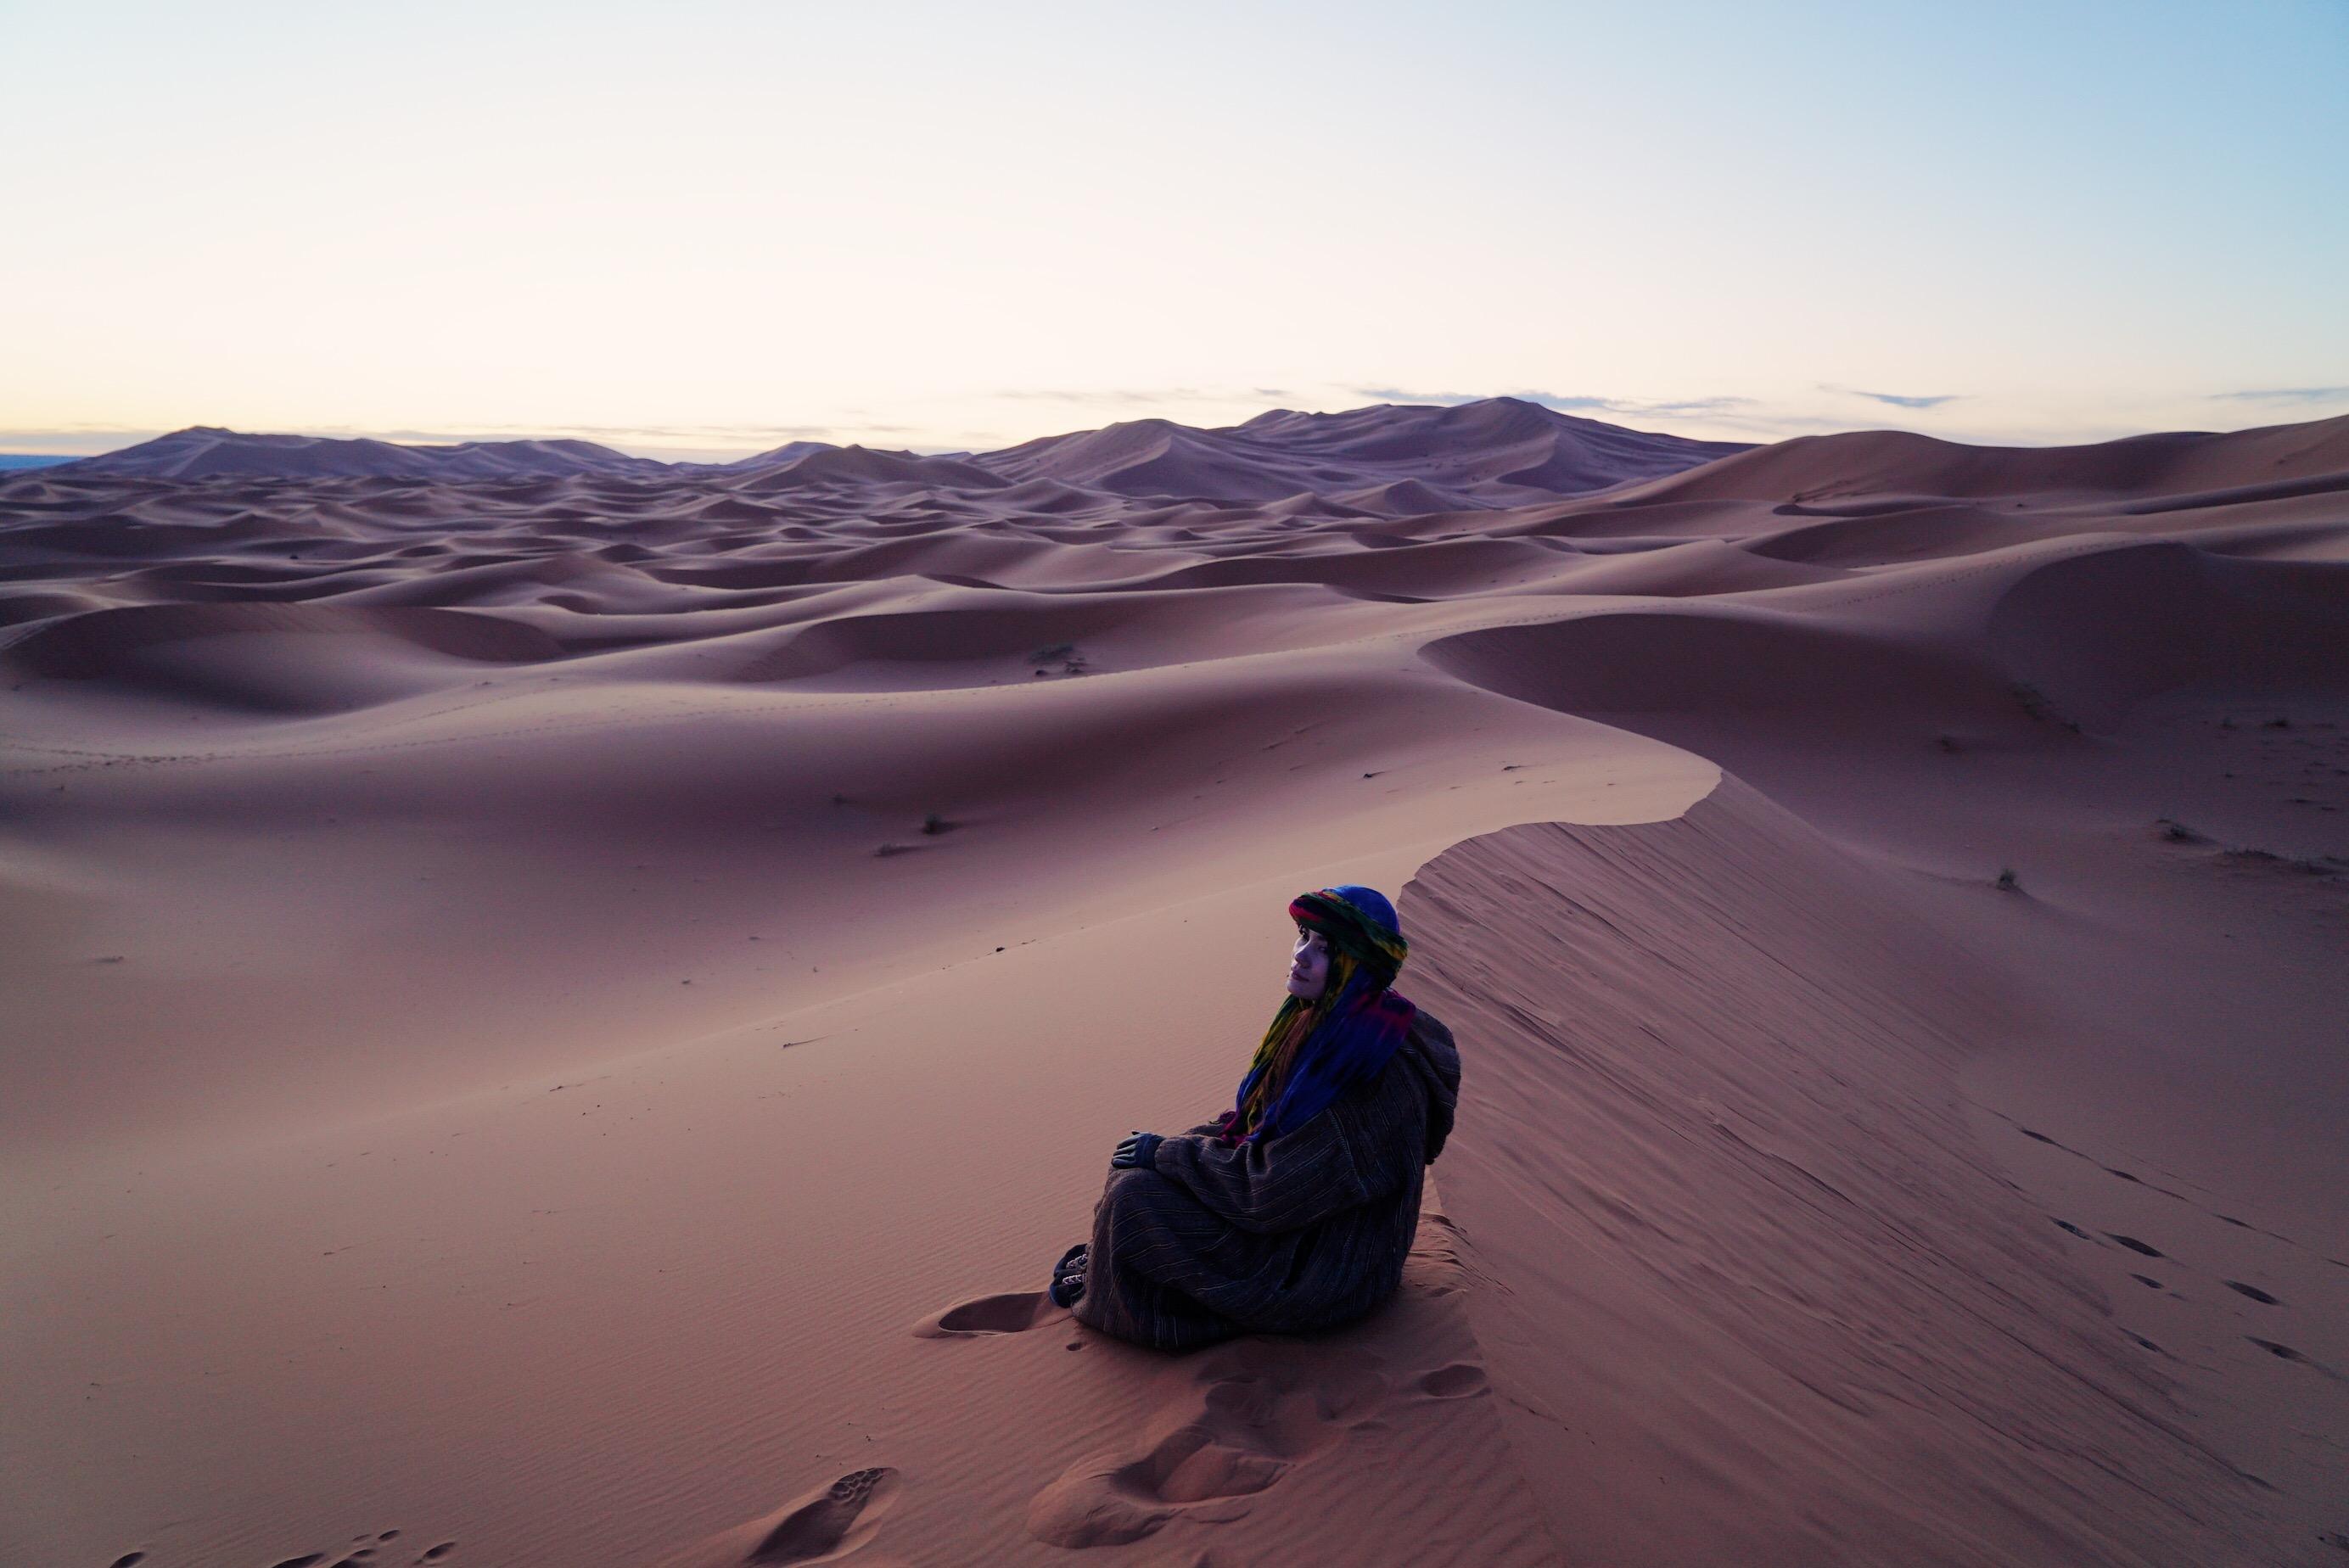 北アフリカ モロッコ旅 「サハラ砂漠」